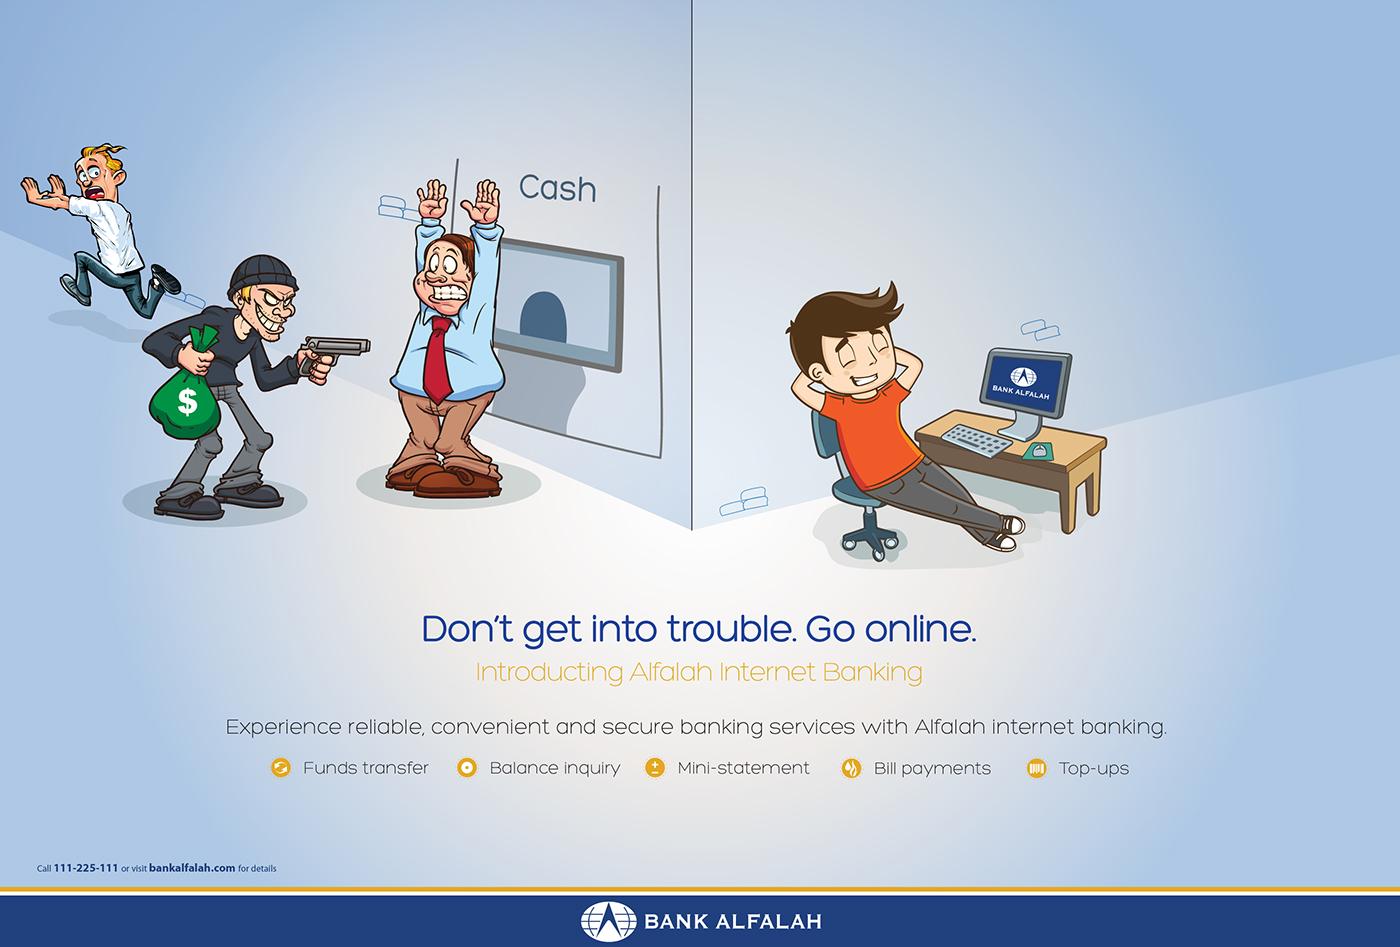 Bank Alfalah Internet Banking On Behance